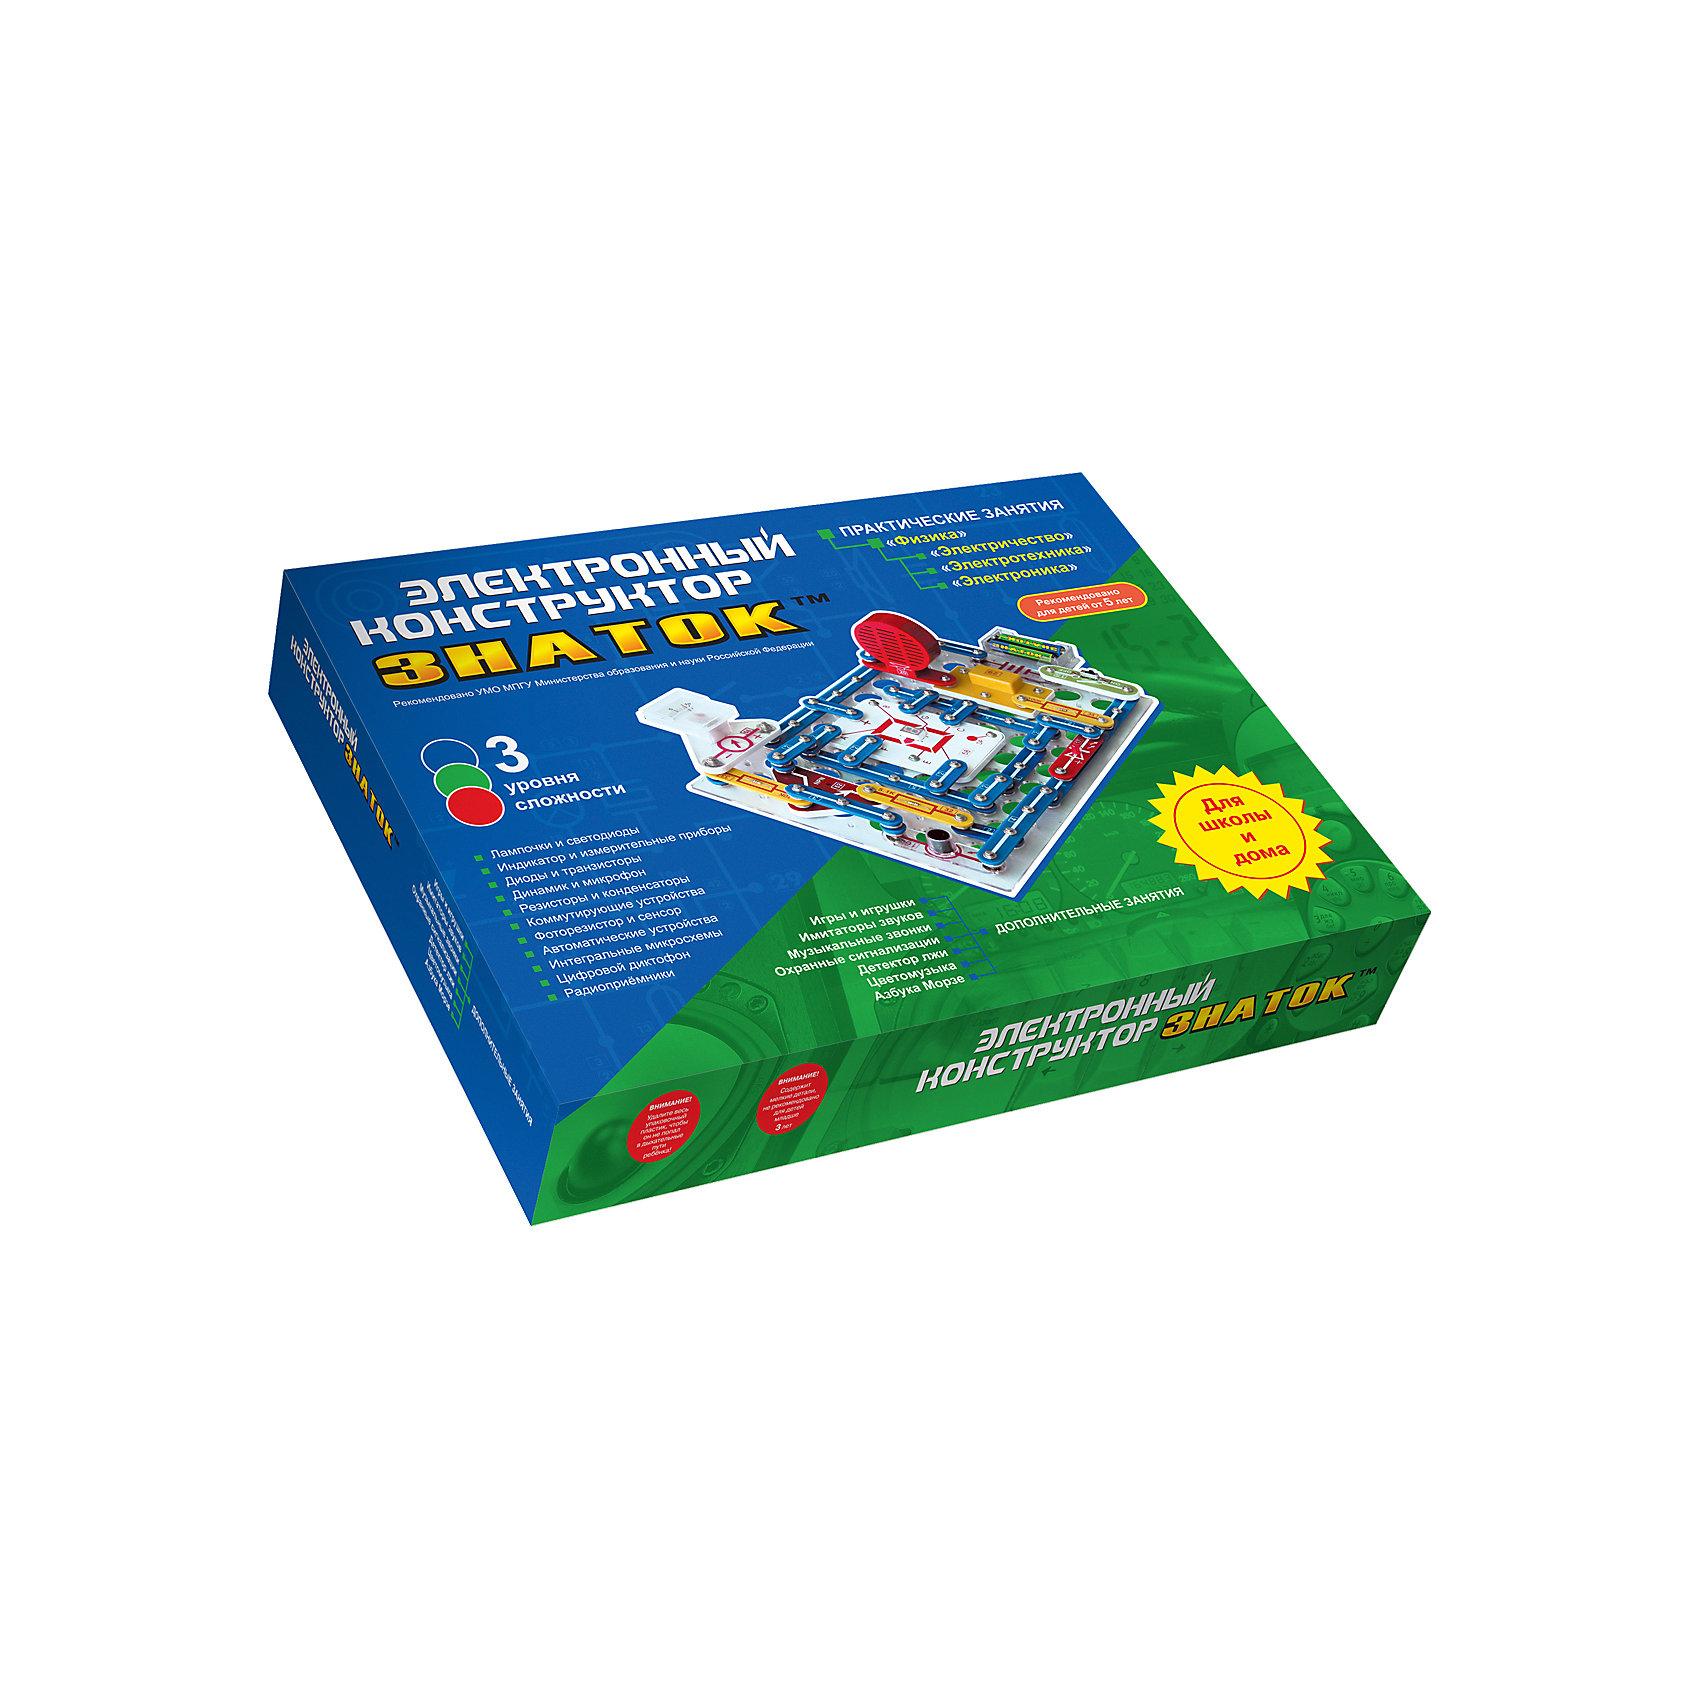 Электронный конструктор 999 схем+школа, ЗнатокОкружающий мир<br>Уже хорошо зарекомендовал себя за тот небольшой промежуток времени, который прошел с момента его появления. Данный конструктор может использоваться как дидактический материал, на школьных уроках физики, помогая в освоении школьной программы вплоть до 11 класса.<br>Конструктор может использоваться в качестве познавательной игрушки любознательным человеком в возрасте от 5 лет до 55 лет. В домашних условиях мы рекомендуем использовать конструктор как «игрушку для Папы и Ребенка», когда ребенку в процессе сборки конструктора взрослый объясняет, почему загорается лампа или как работает радио (если конечно сам знает).<br><br>С помощью конструктора можно собрать:<br>- Радио AM / FM - регулировка громкости, автоматическая настройка на станции <br>- Измерительные схемы (вольтметр, амперметр) - 75 вариантов схем <br>- Диктофон (запись/воспроизведение) <br>- Детектор лжи <br>- Световой индикатор - буквы (строчные и прописные) и цифры <br>- Автоматические осветители - напоминалка о наступлении темноты, датчик дождя, ночник <br>- Музыкальный дверной звонок с вариантами управления <br>- Имитаторы звуков - 12 вариантов, 120 вариантов схем <br>- Охранные сигнализации - отпугивающие звуки, звуковая/световая реакция на обрыв провода <br>- Регулируемый метроном <br><br>Дополнительная информация:<br><br>- Батарейки: 4хАА (в комплект не входят).<br>- Материал: пластик, металл, магнит.<br>- Размер упаковки: 51х39х6 см.<br>Комплектация: Детали конструктора (в том числе провода, электромотор, транзисторы, фоторезистор, микрофон, динамик, сенсорную пластину, пьезоизлучатель, геркон, магнит, различные выключатели, лампочки, светодиоды, резисторы, конденсаторы, интегральные микросхемы усилителя мощности, тюнера радиоприемника, усилителя высокой частоты и многое другое).<br>Платформа для сборки.Пособия по сборке.<br><br>Электронный конструктор 999 схем+школа, Знаток можно купить в нашем магазине.<br><br>Ширина мм: 510<br>Глубина м